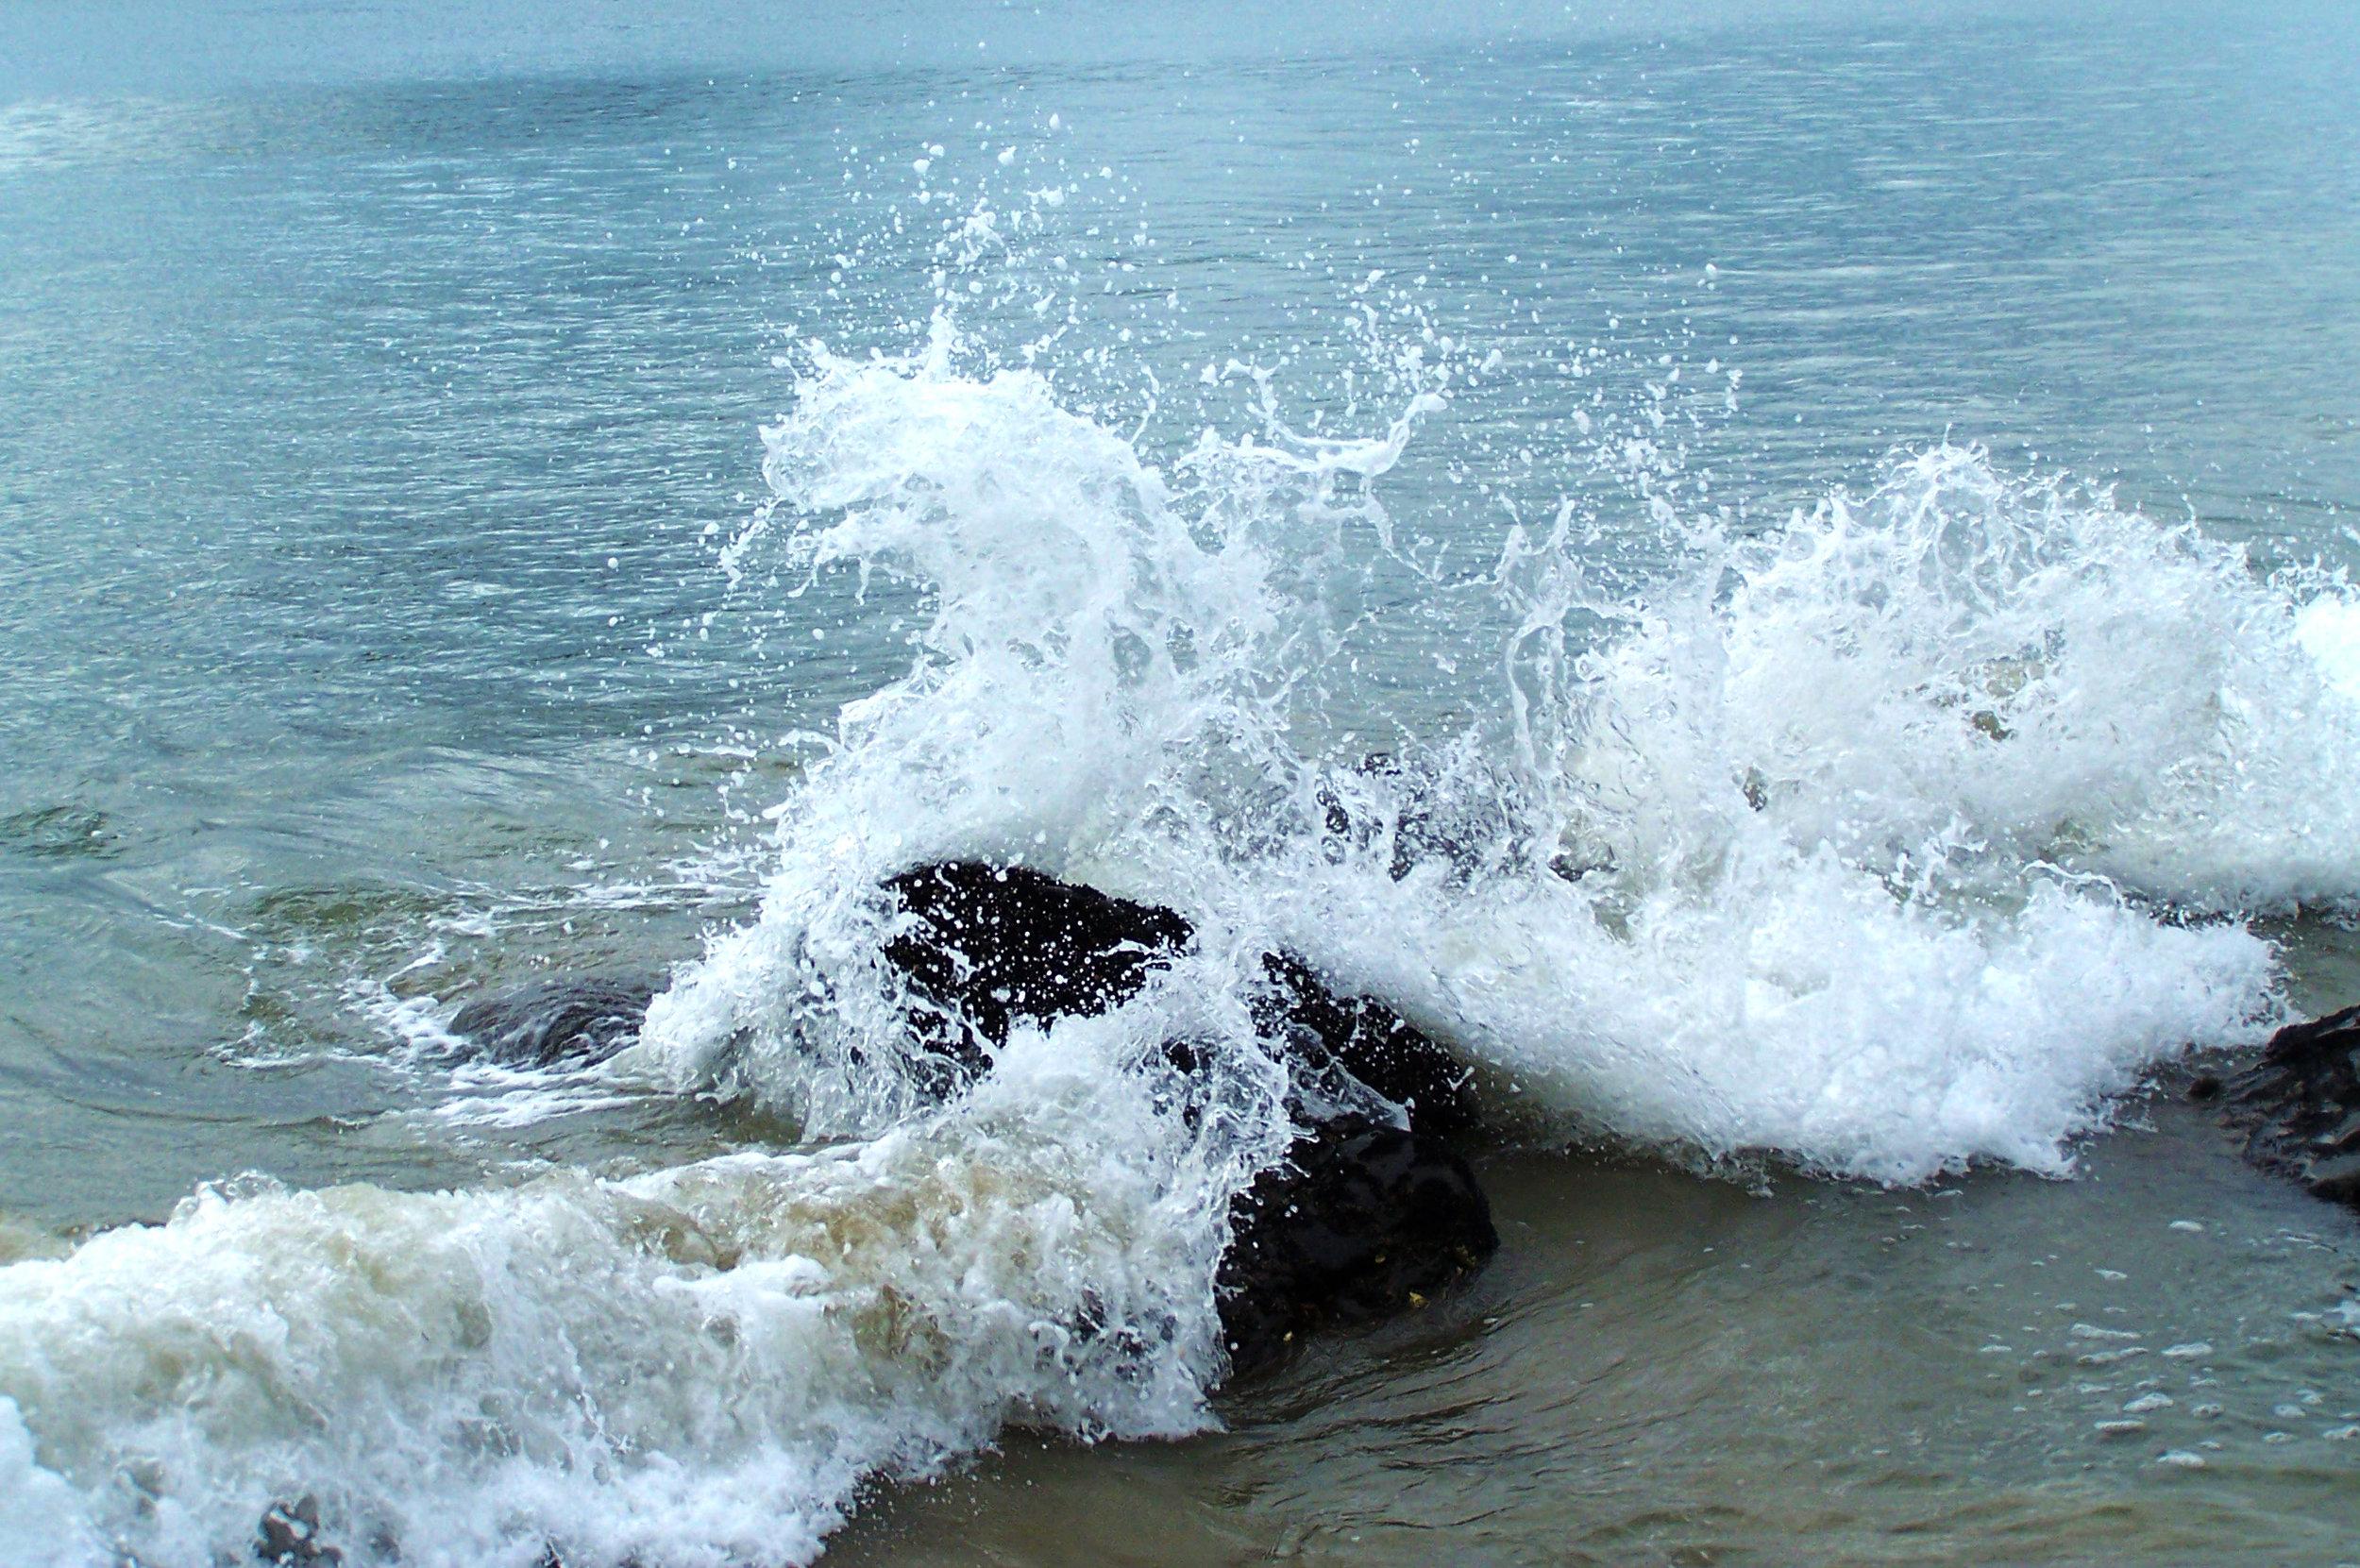 water_serpent_by_mollyrulz9999-d32jd7t.jpg